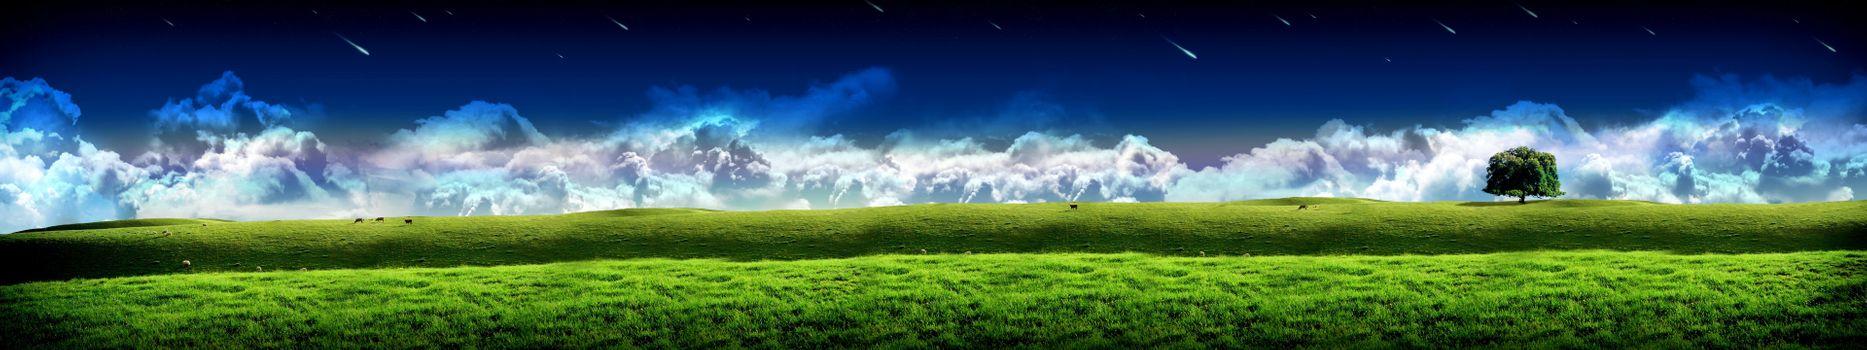 Фото бесплатно простор, поле, дерево, облака, туги, горизонт, монитор, экран, тройной, обои